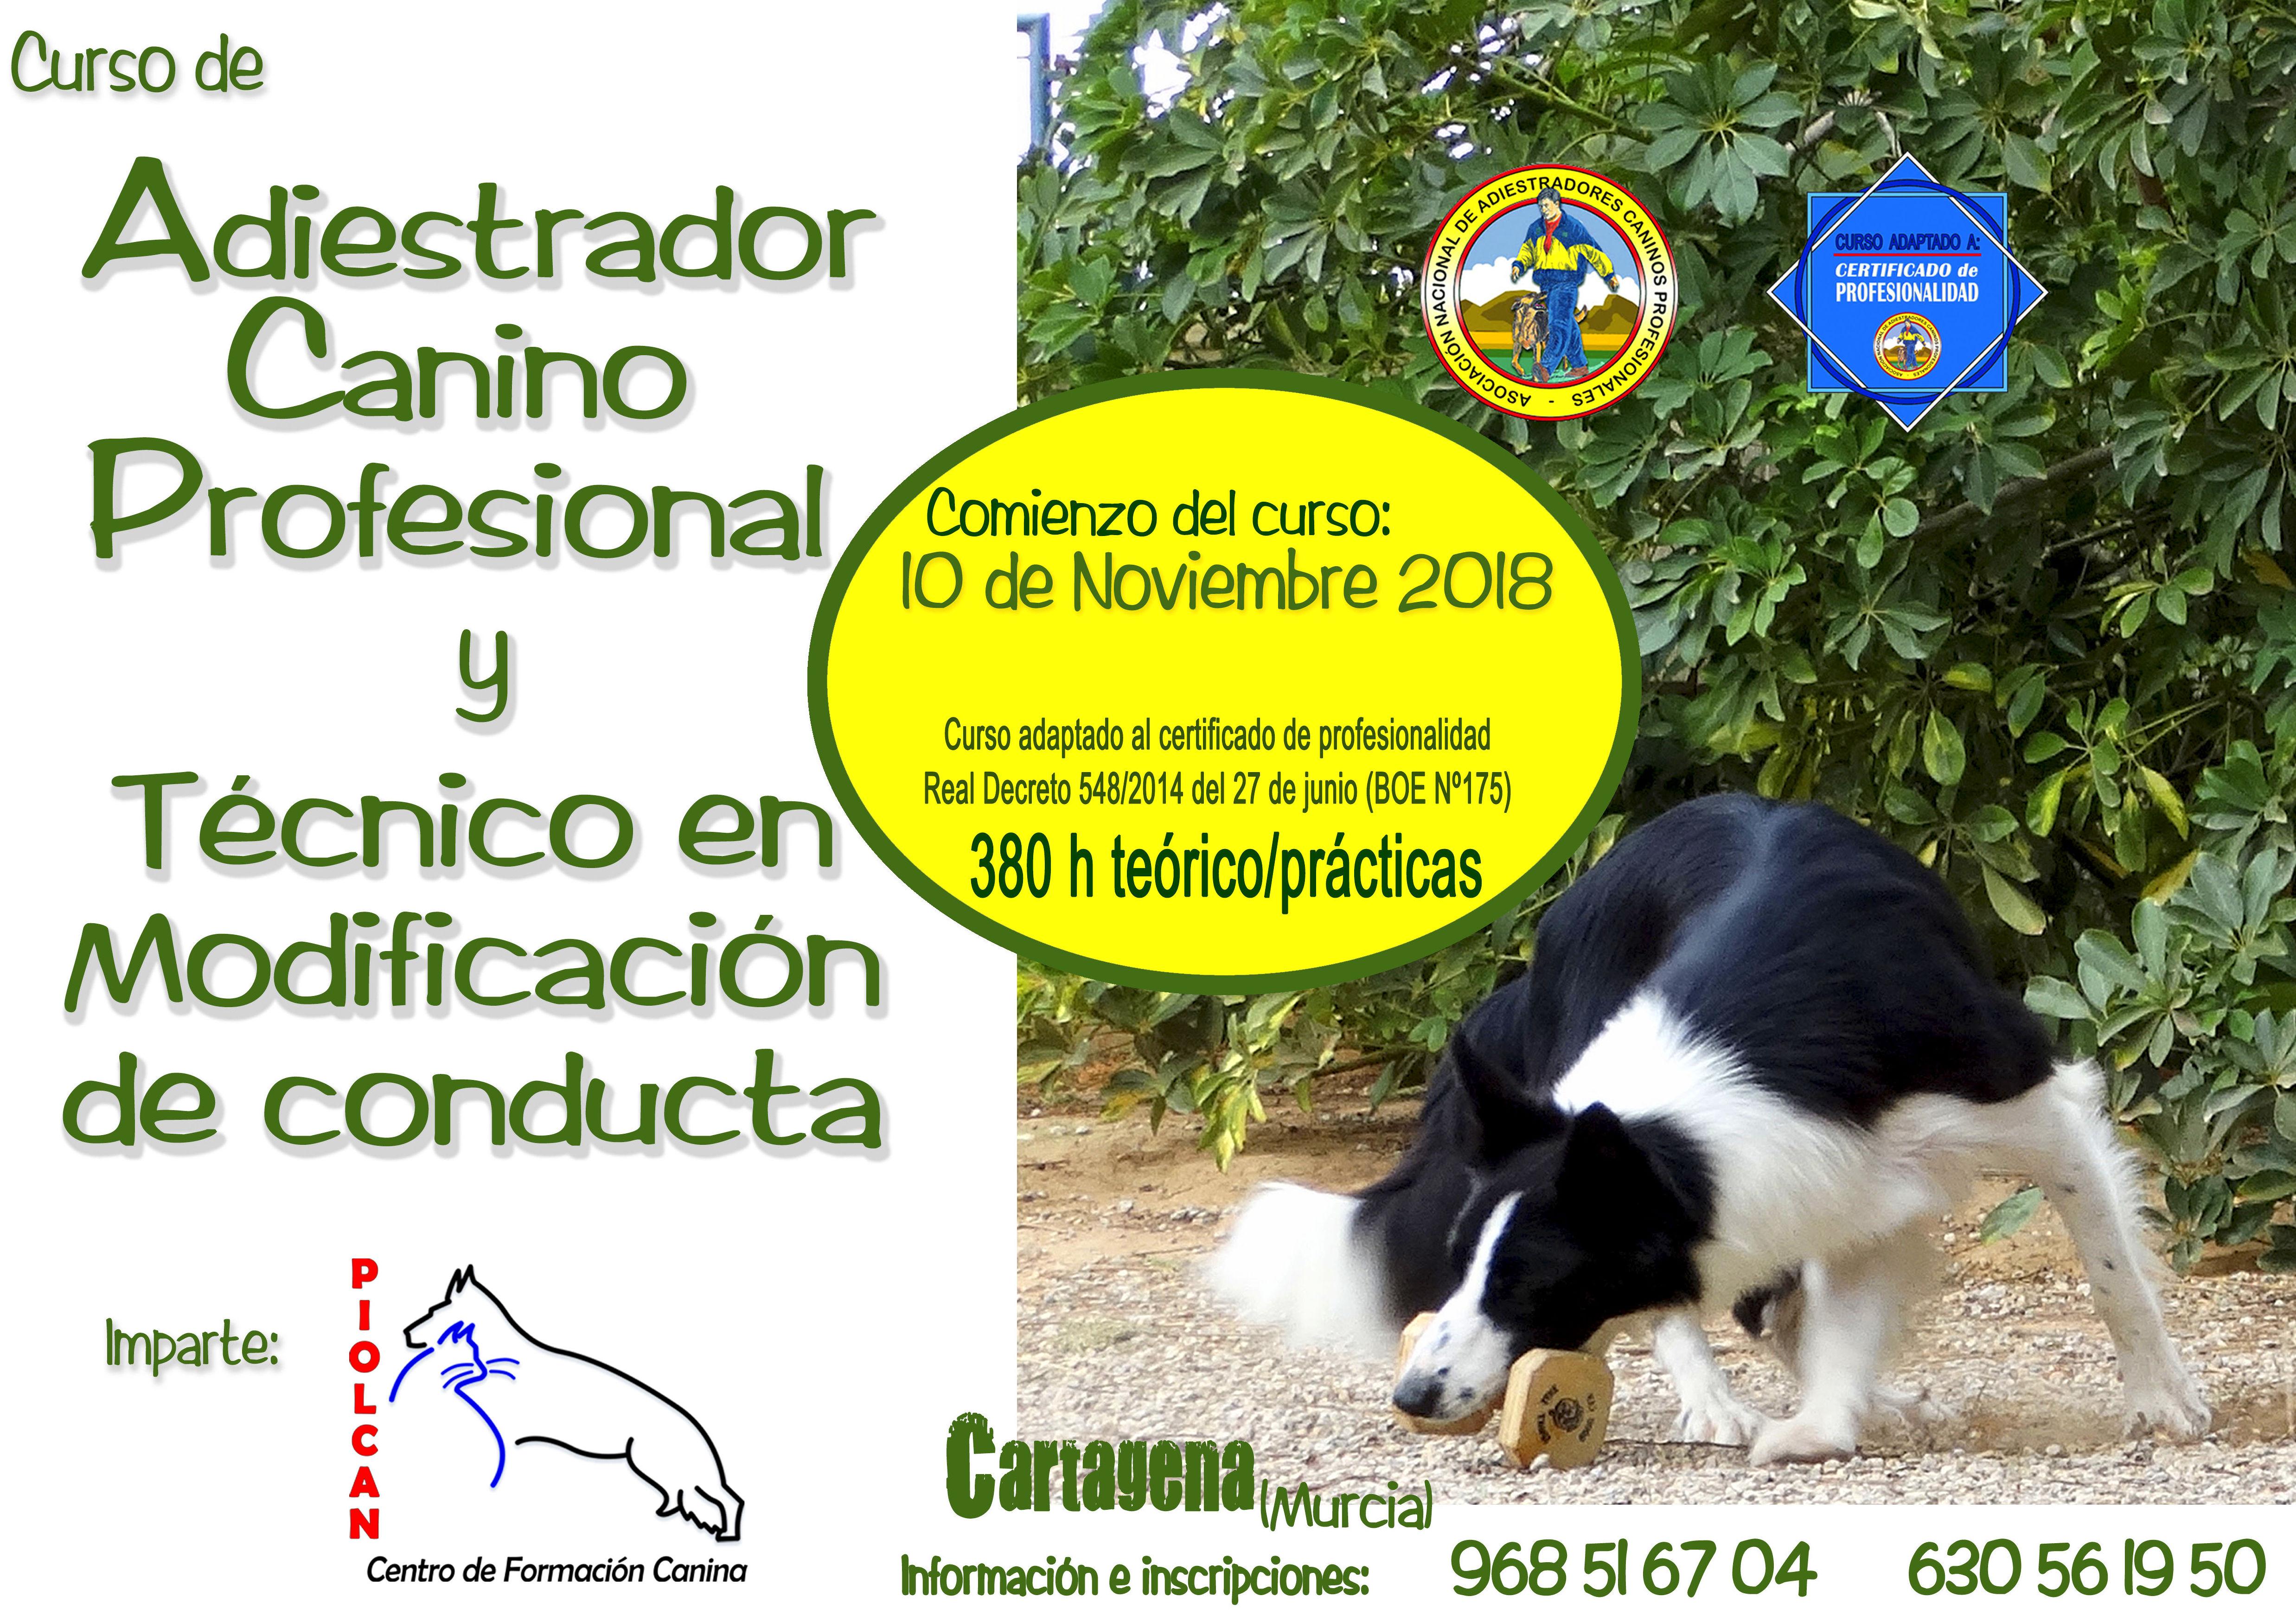 Seminarios y Cursos de formación Canina: Servicios de Piolcan Adiestramiento Canino y Centro de formación